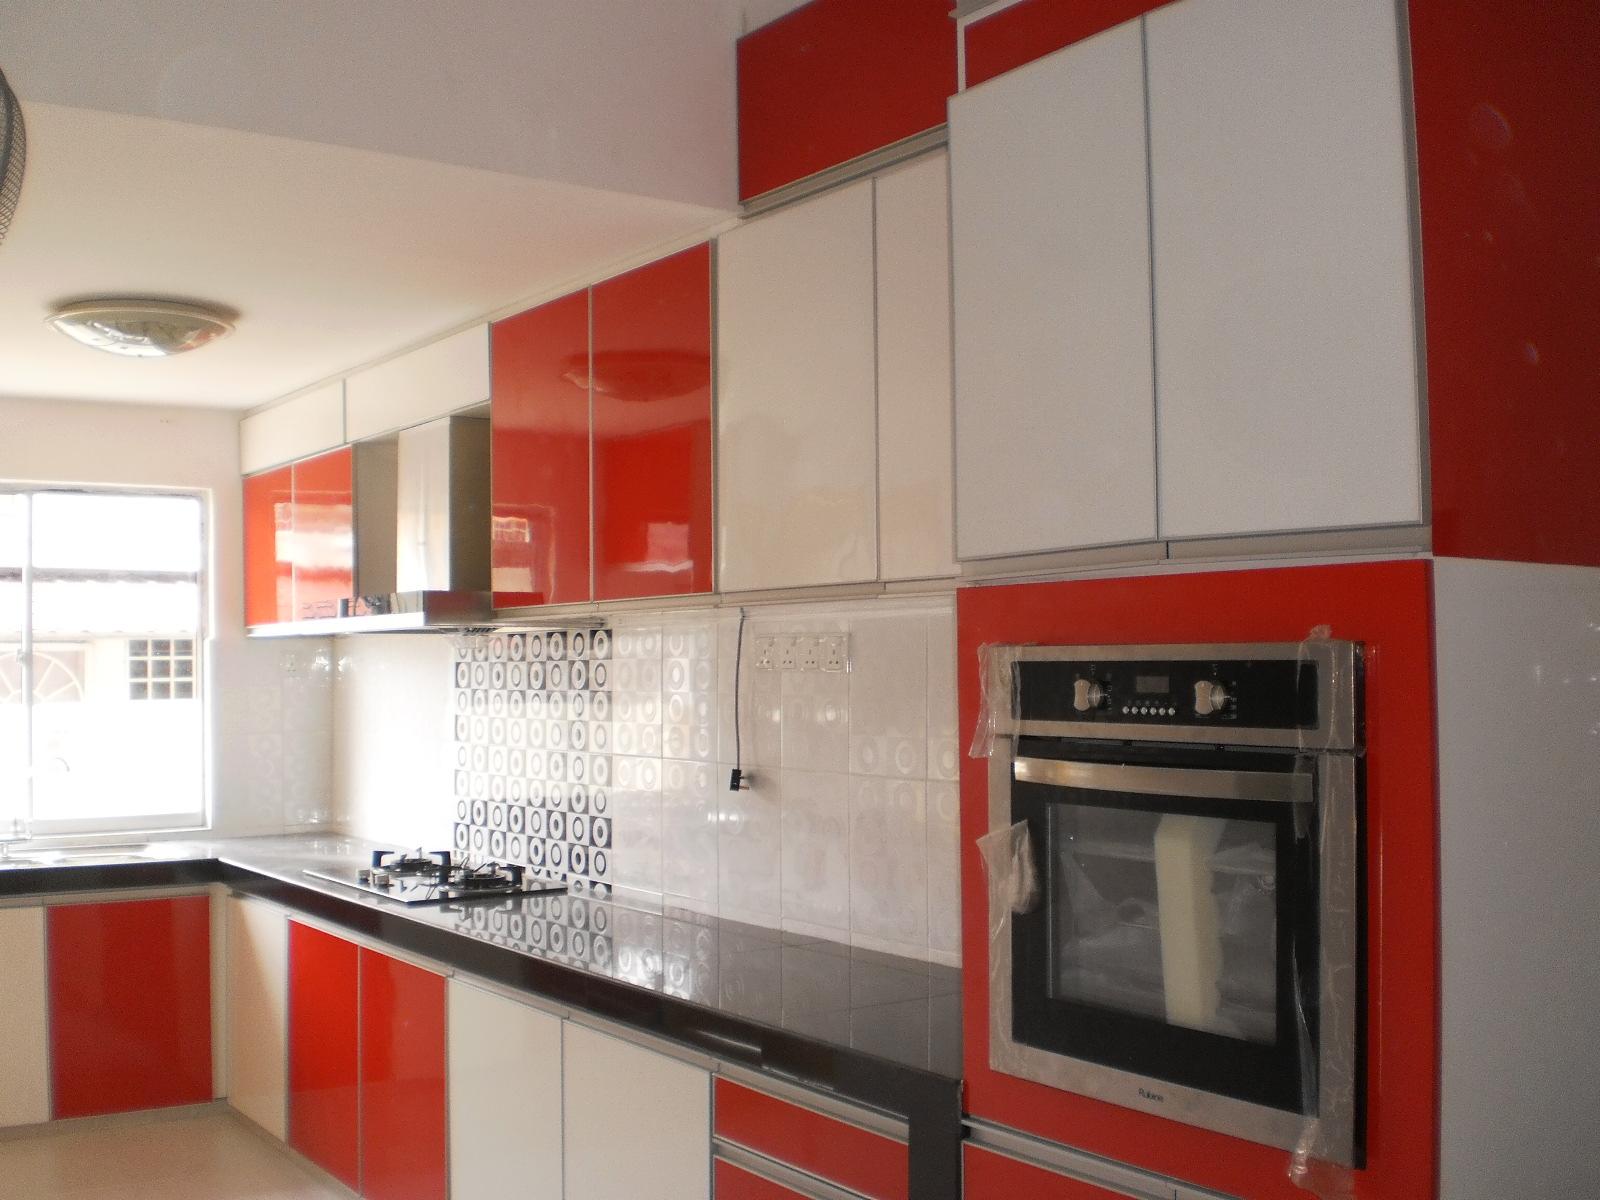 Design Kitchen Cabinets Amazing Of Best White Kitchen Cabinets